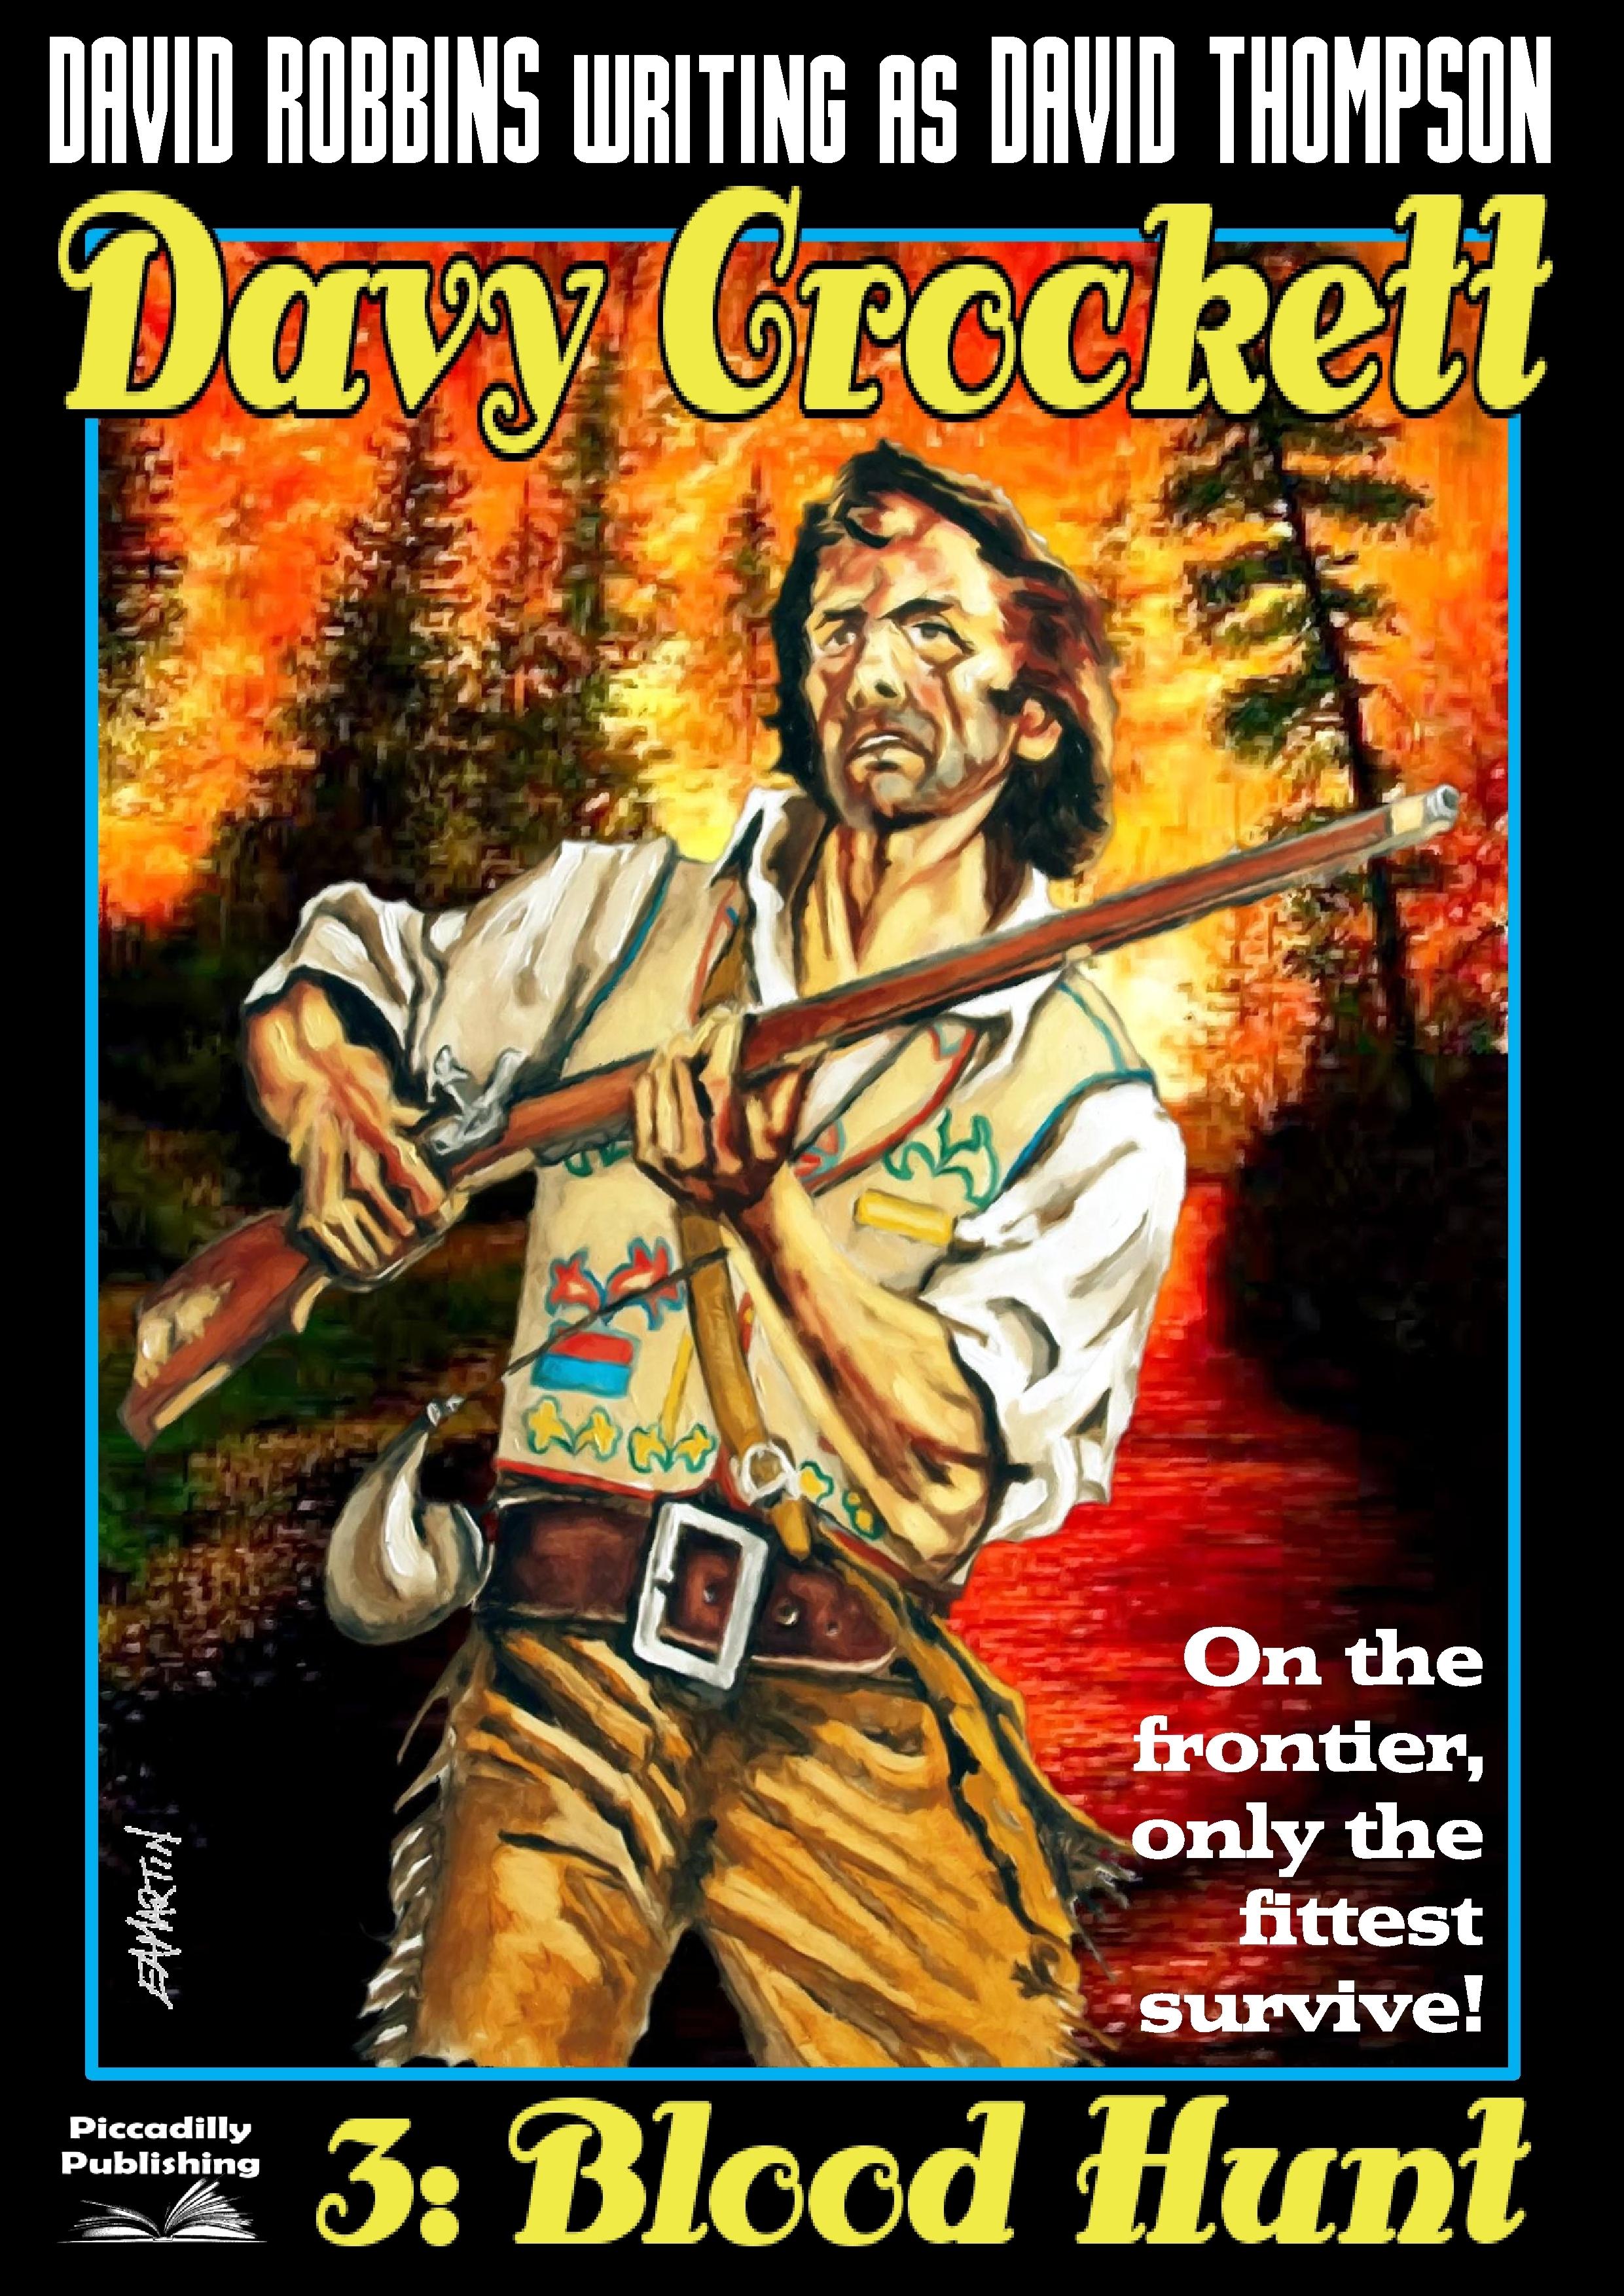 Blood Hunt (A Davy Crockett Western. Book 3)  by  David Robbins